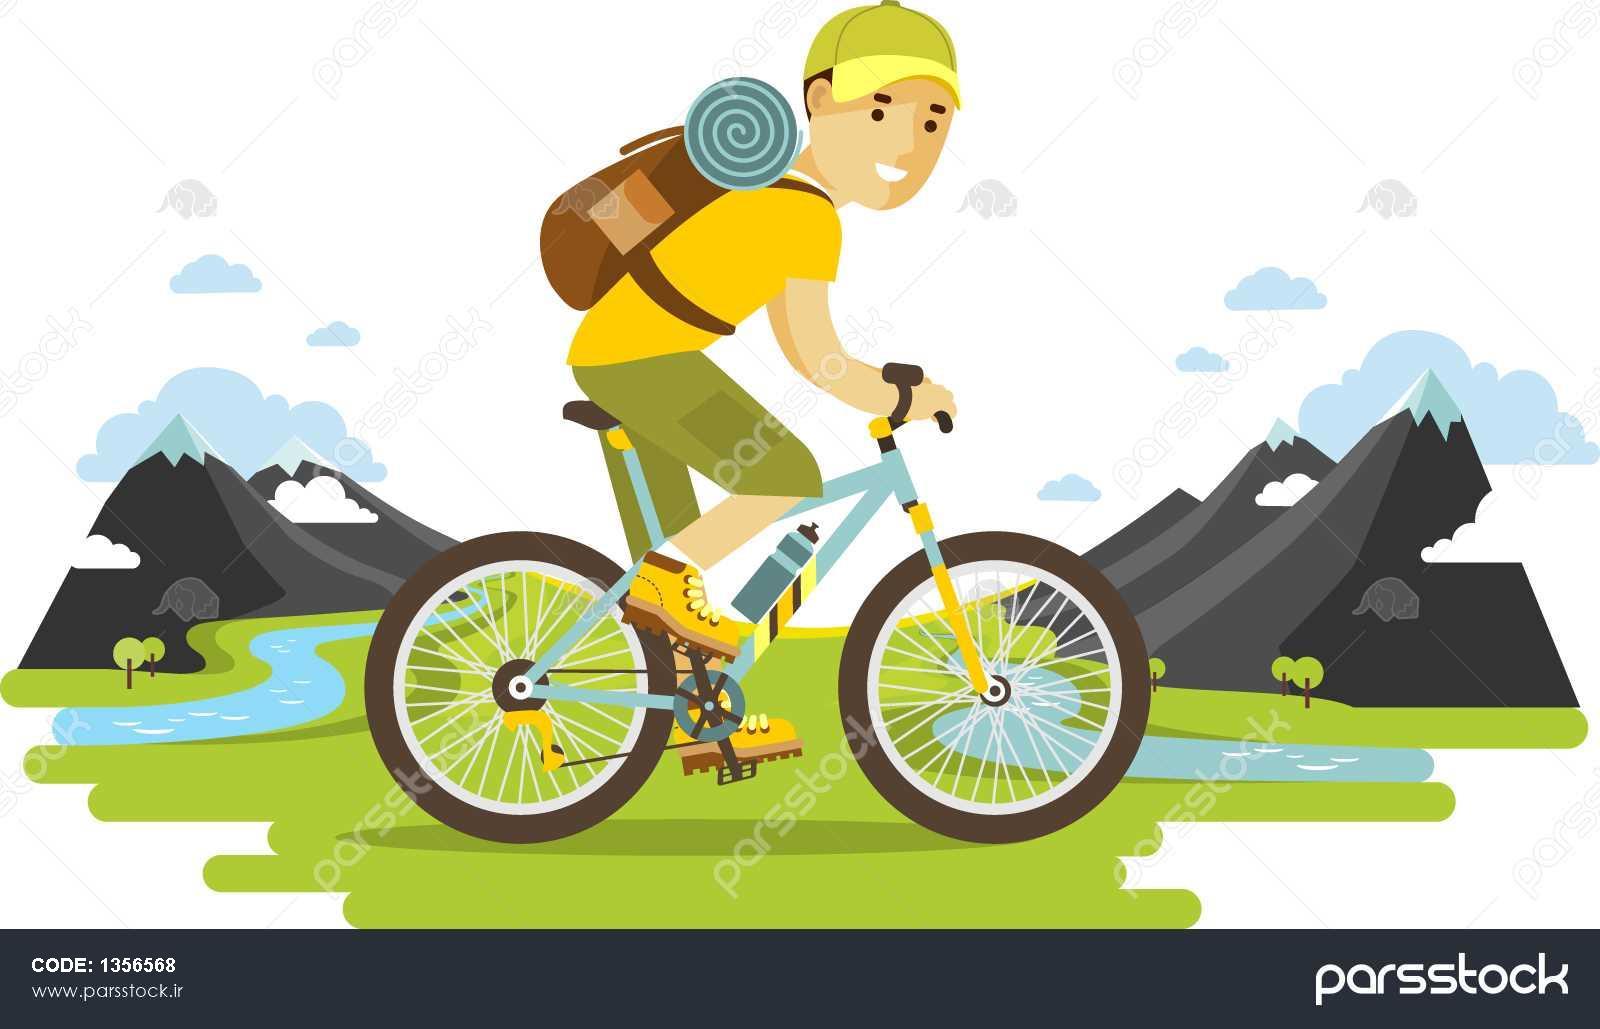 درک بهتر معامله گری با داستان دوچرخه سوار